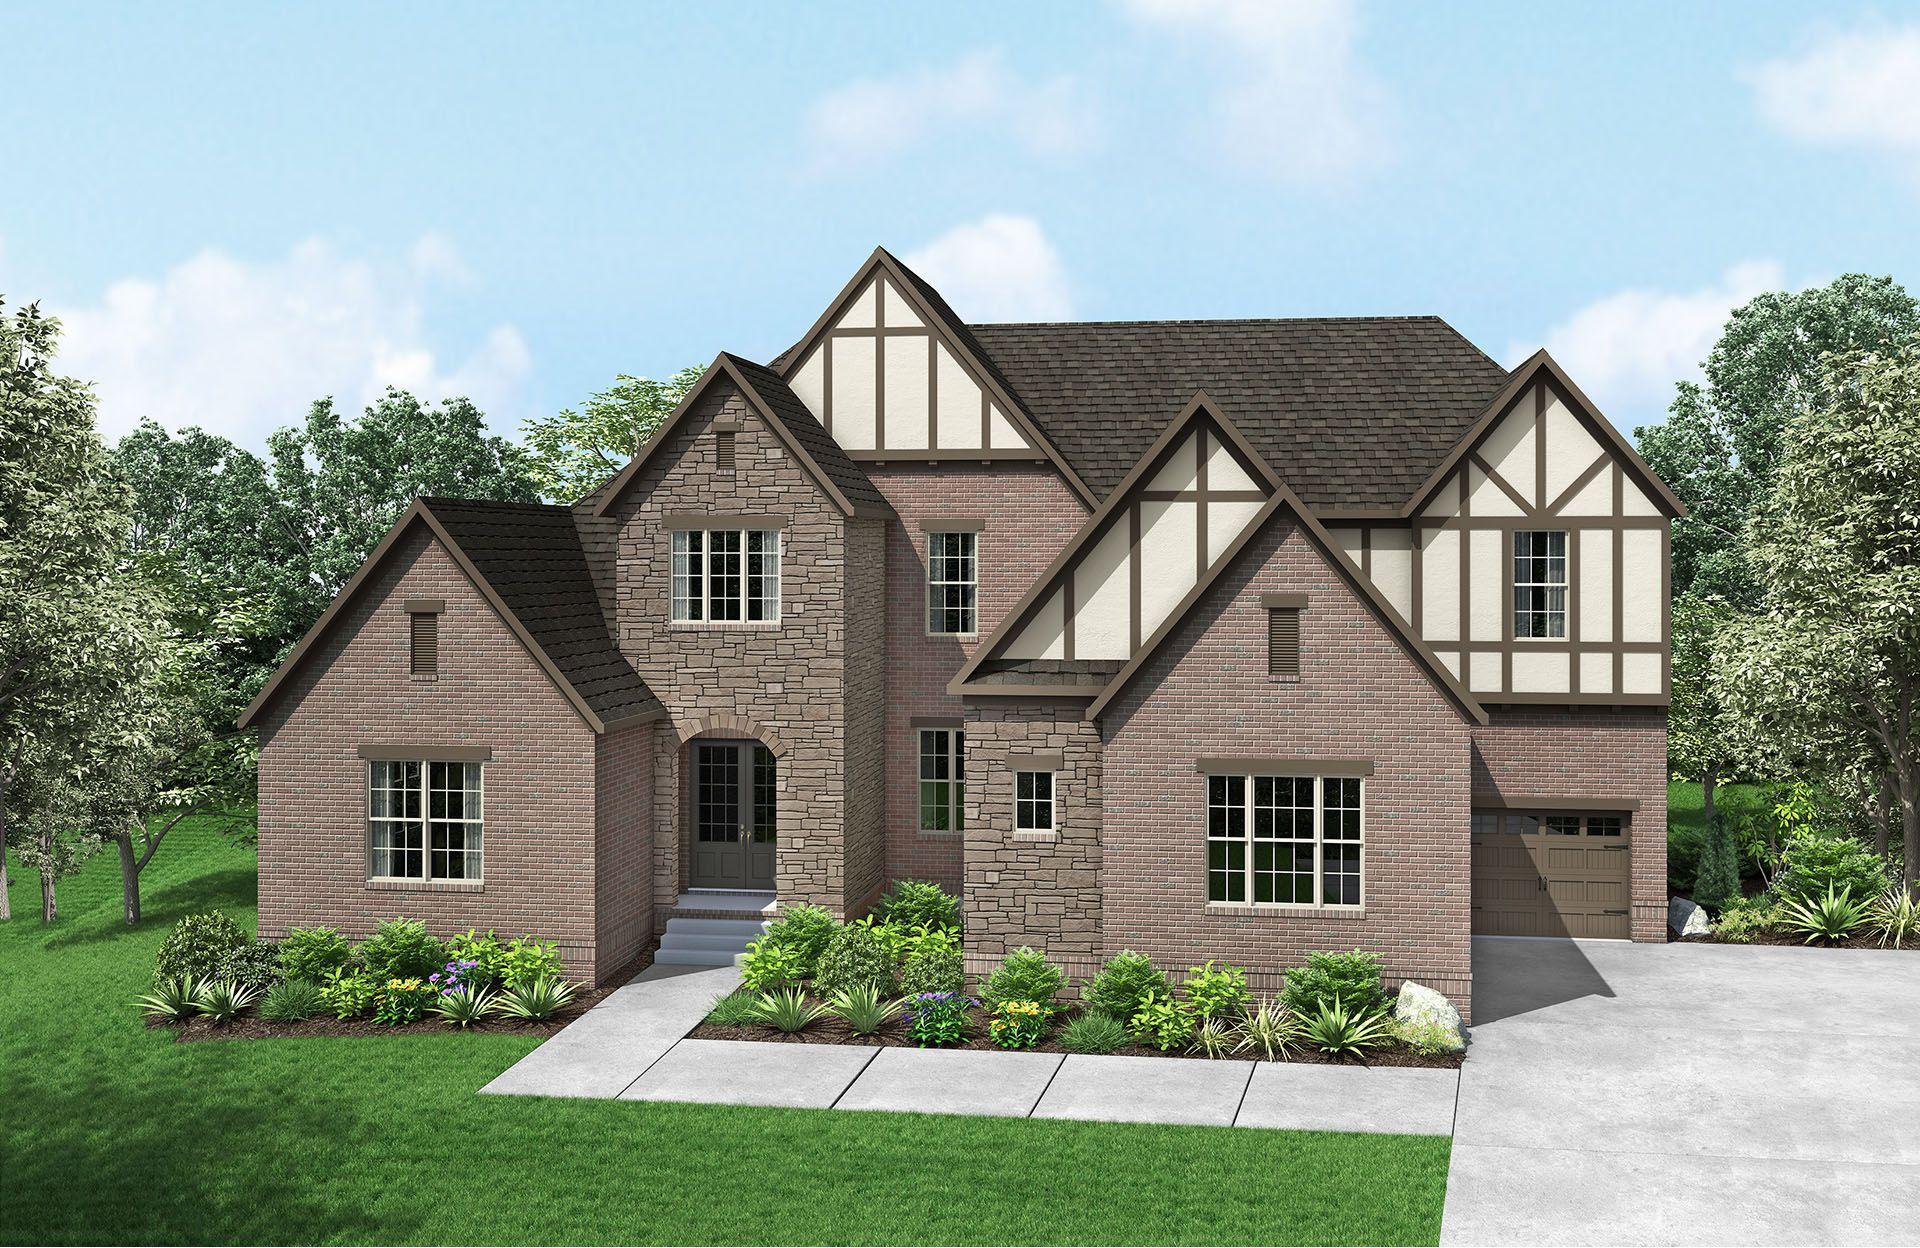 单亲家庭 为 销售 在 Asher - Dresden 108 Telfair Lane Nolensville, Tennessee 37135 United States